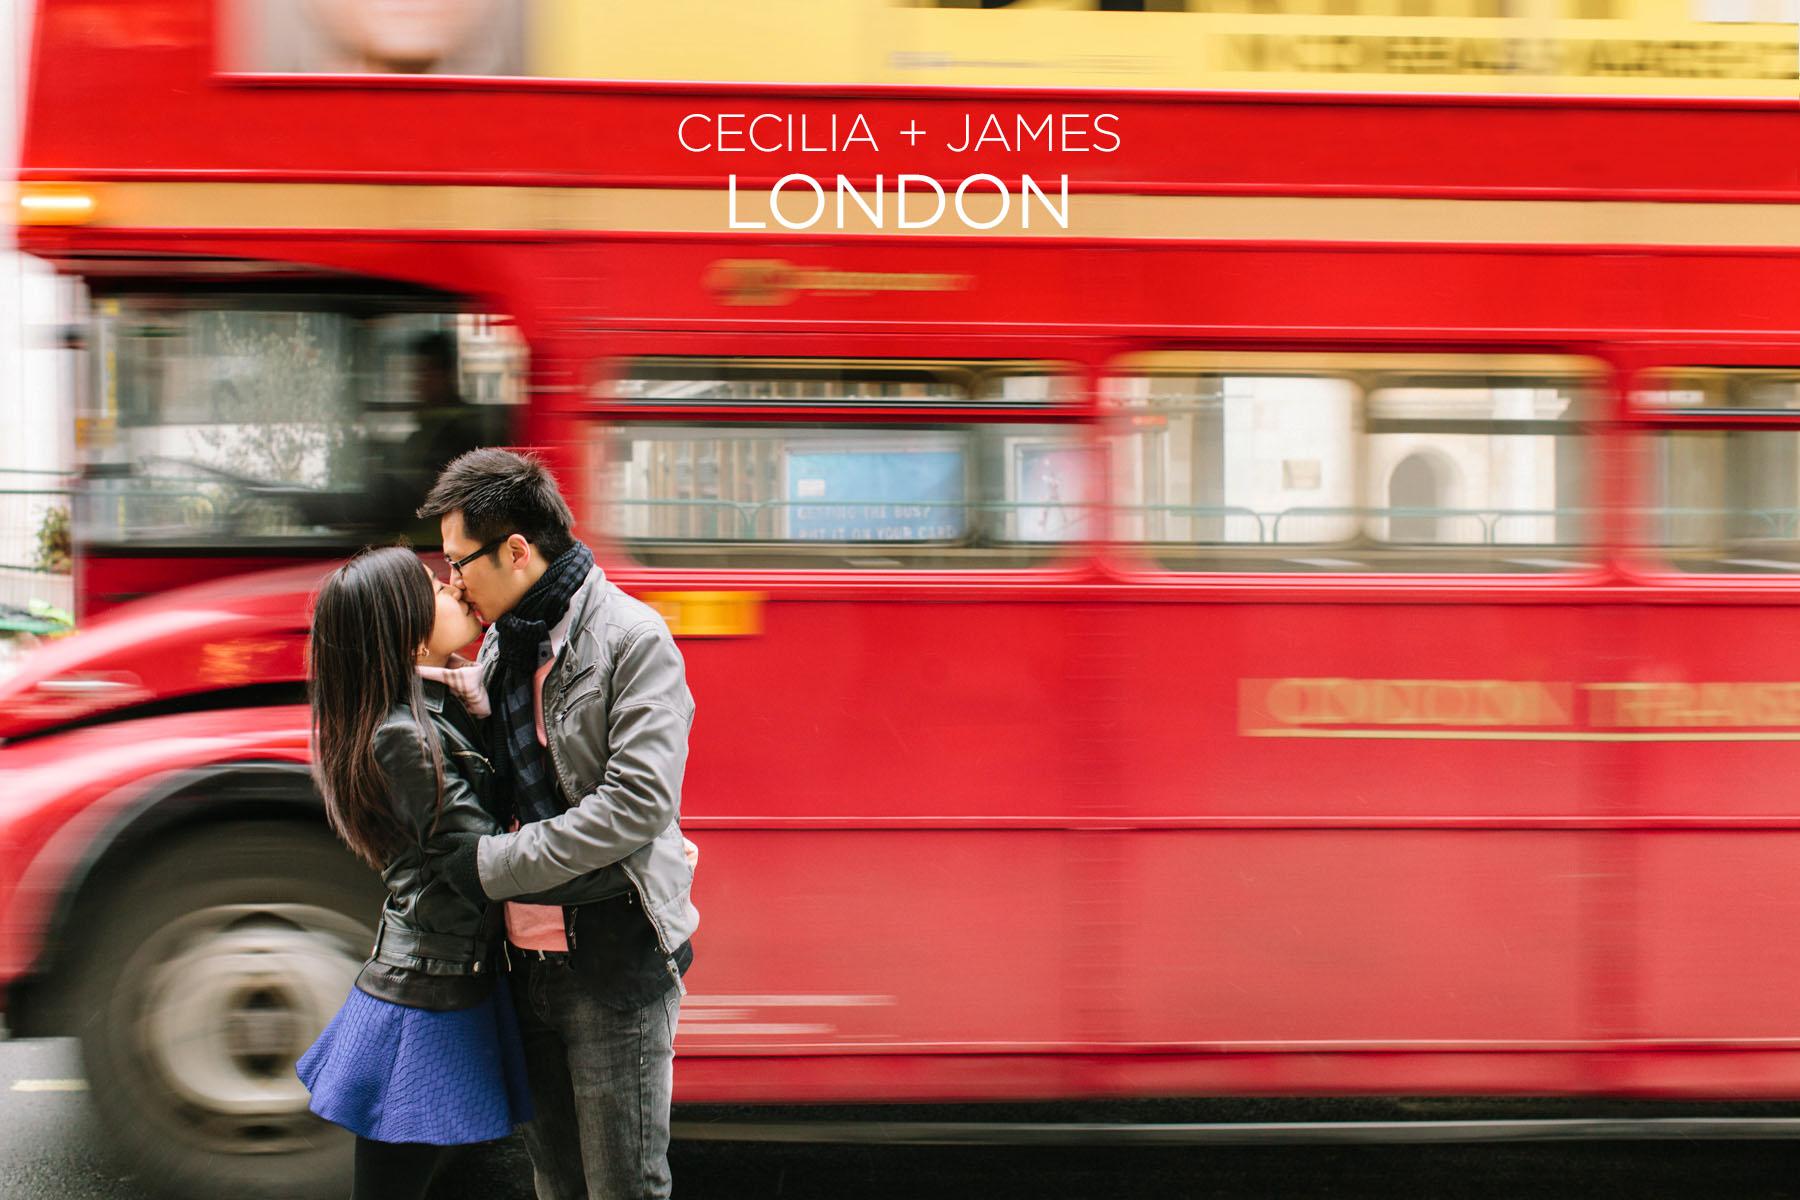 Cecilia and James